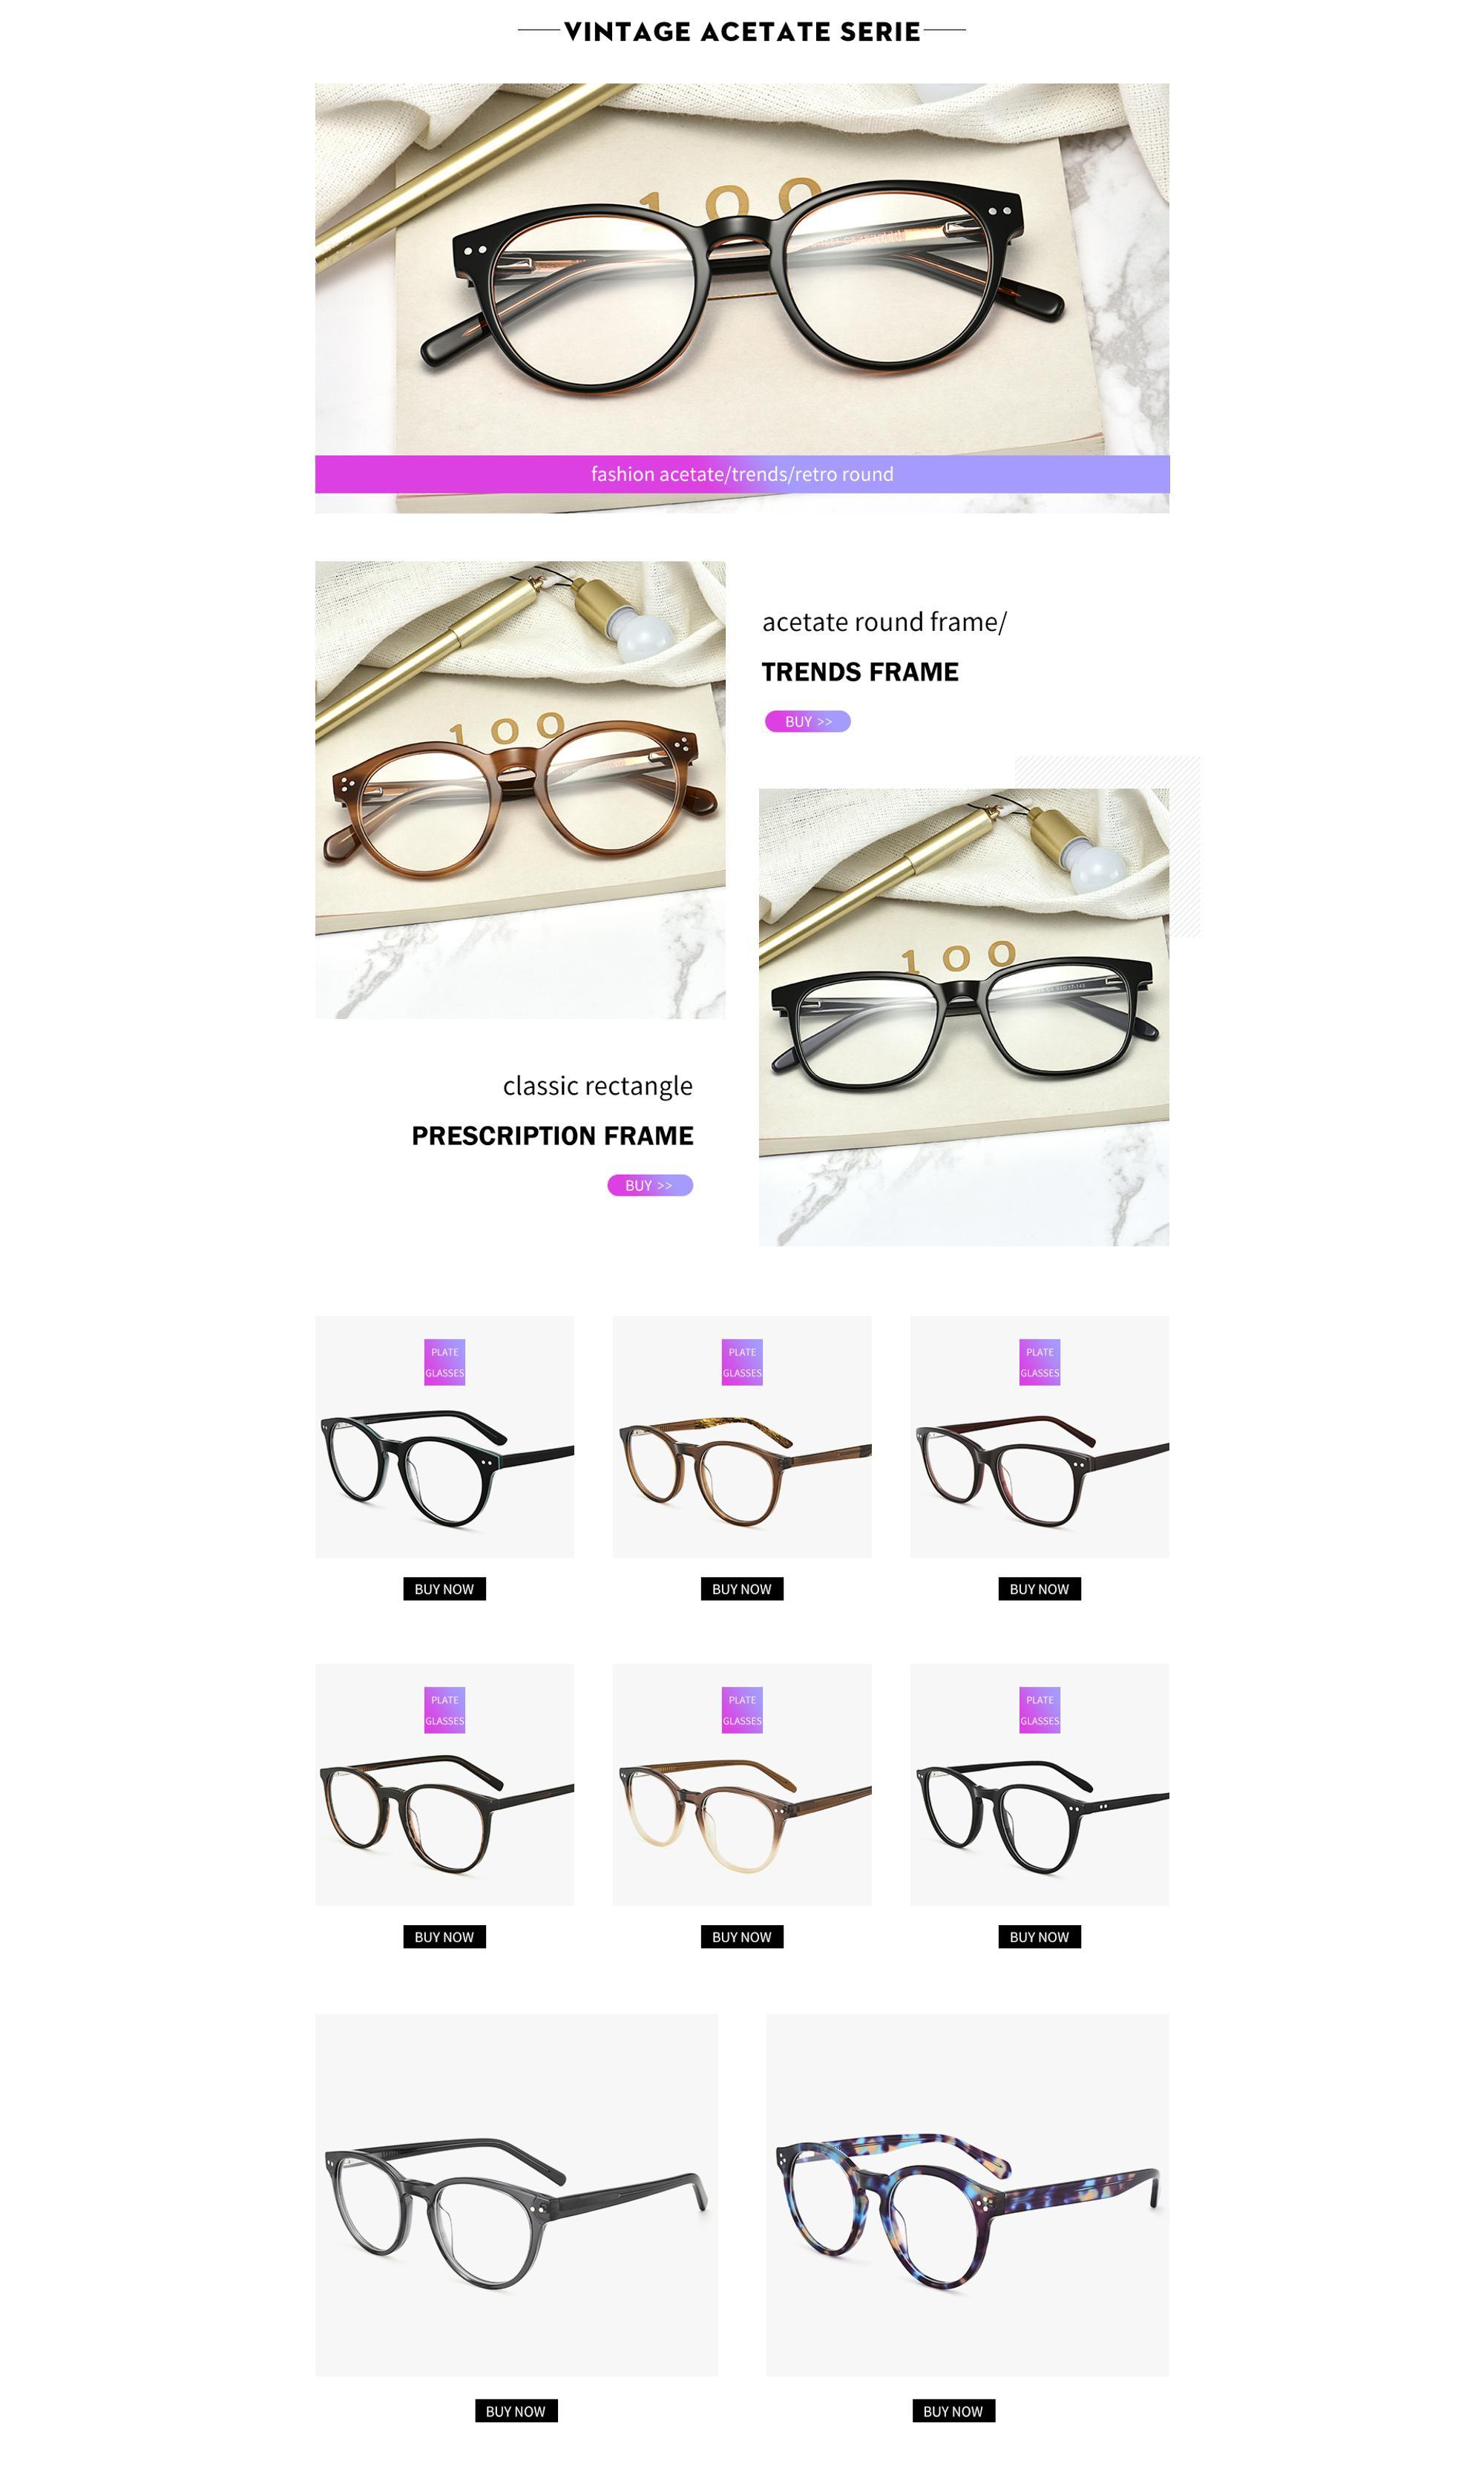 d1fde6135cf 2018 Factory wholesale famous brands optical reading acetate frames